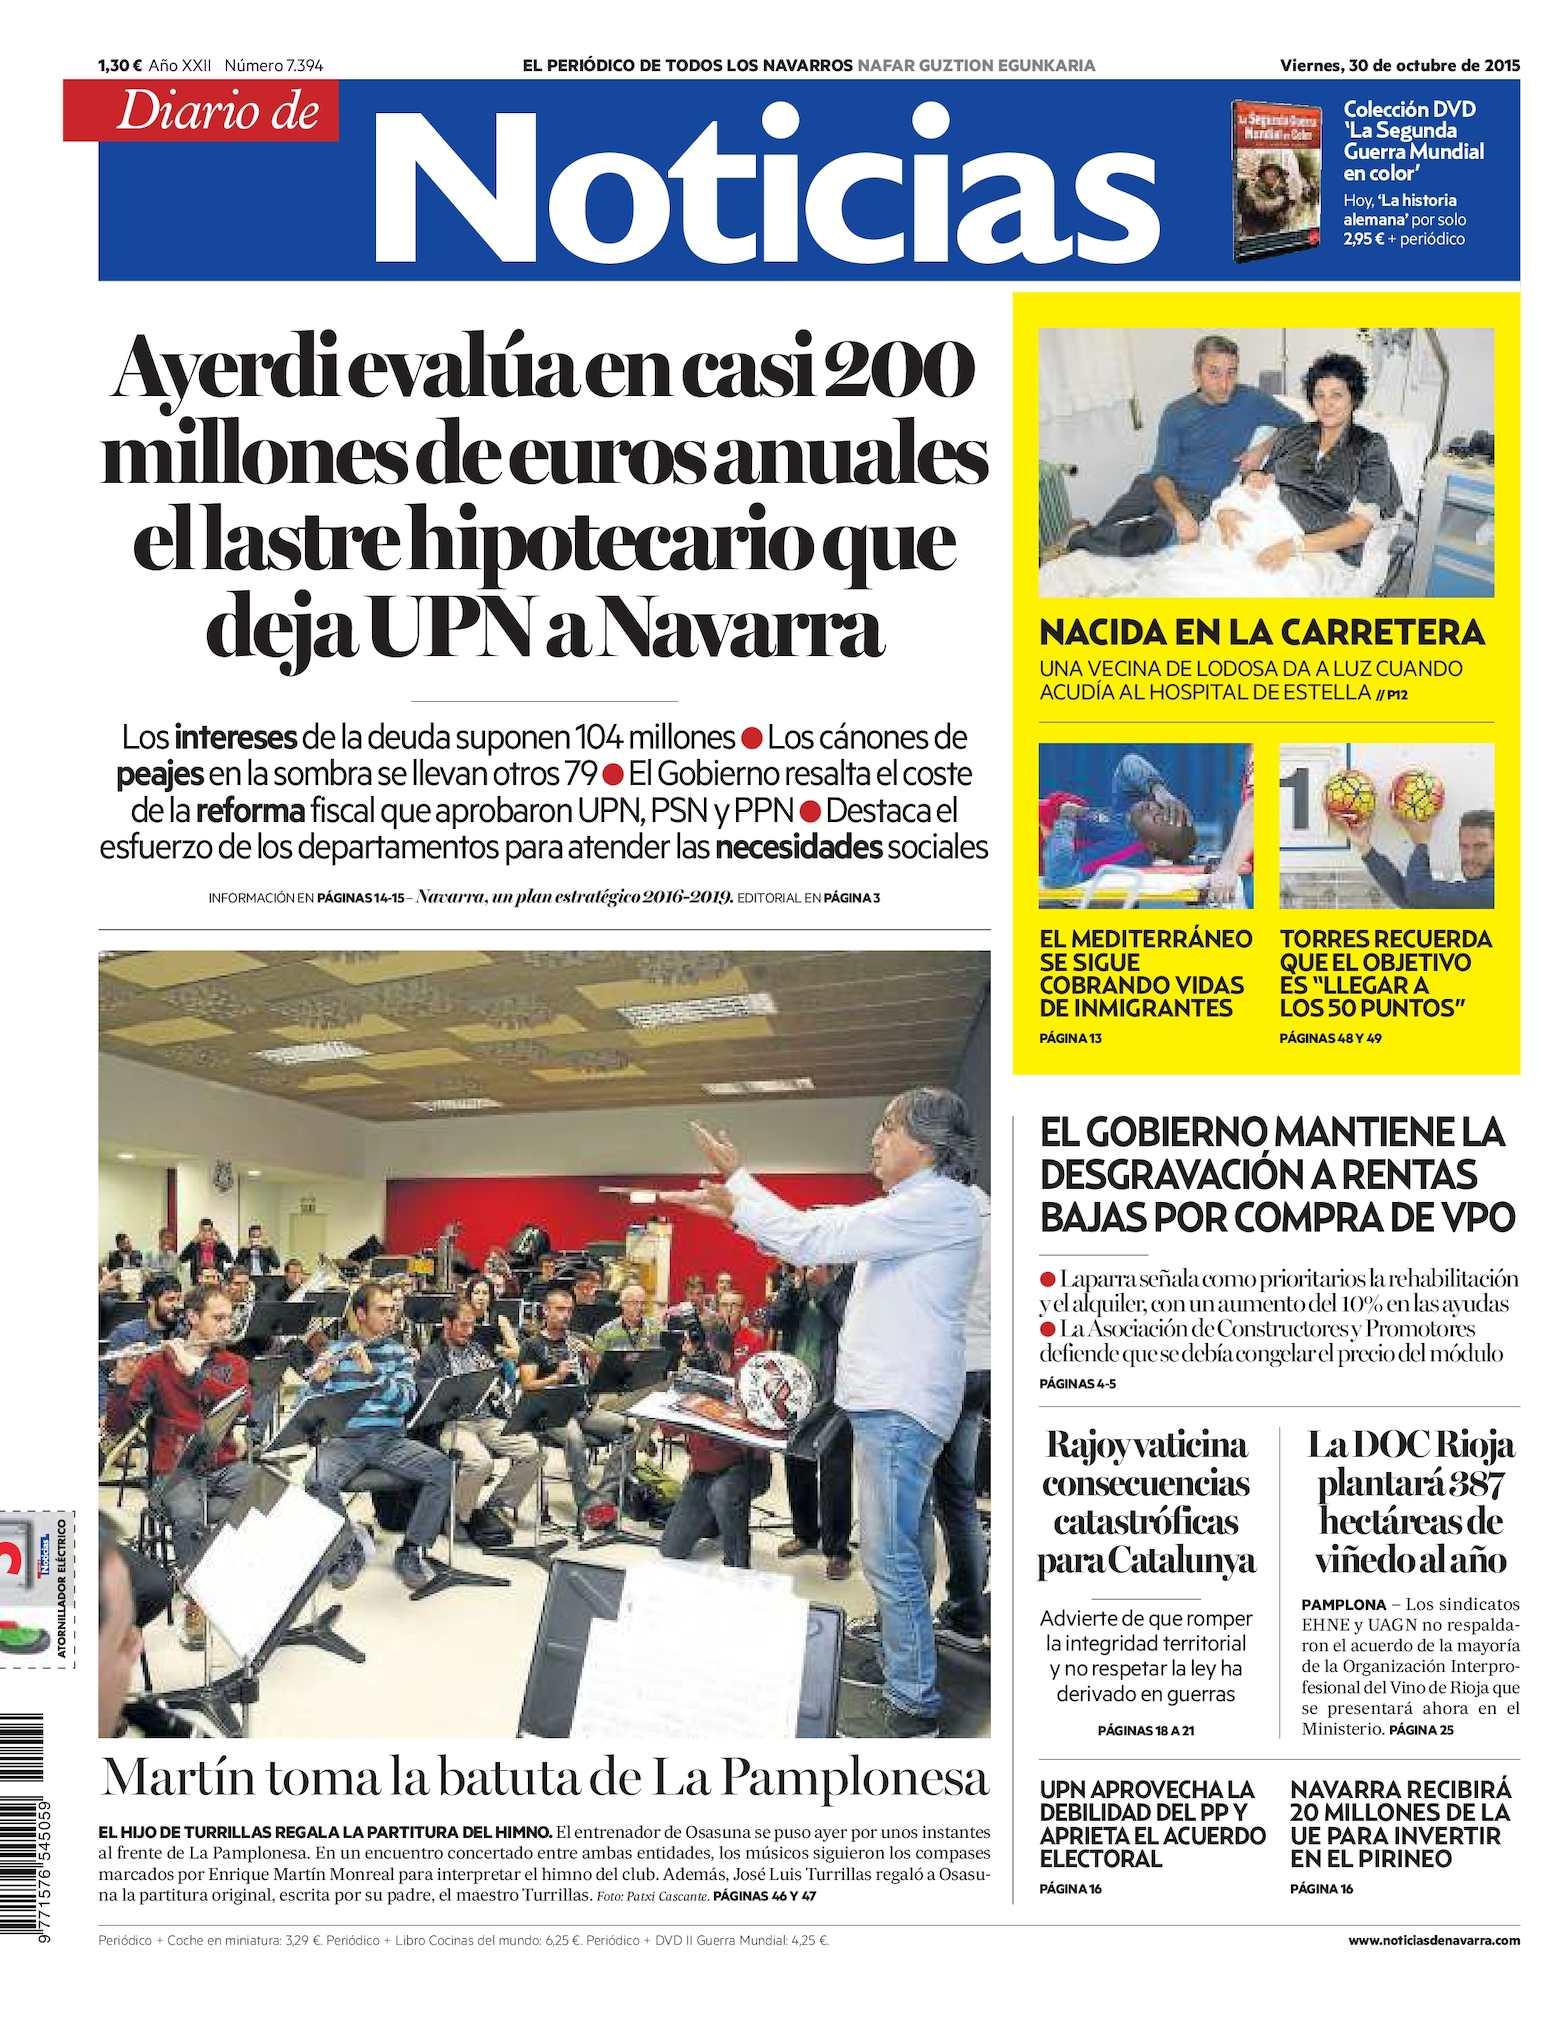 Calaméo - Diario de Noticias 20151030 637a50cedfb1